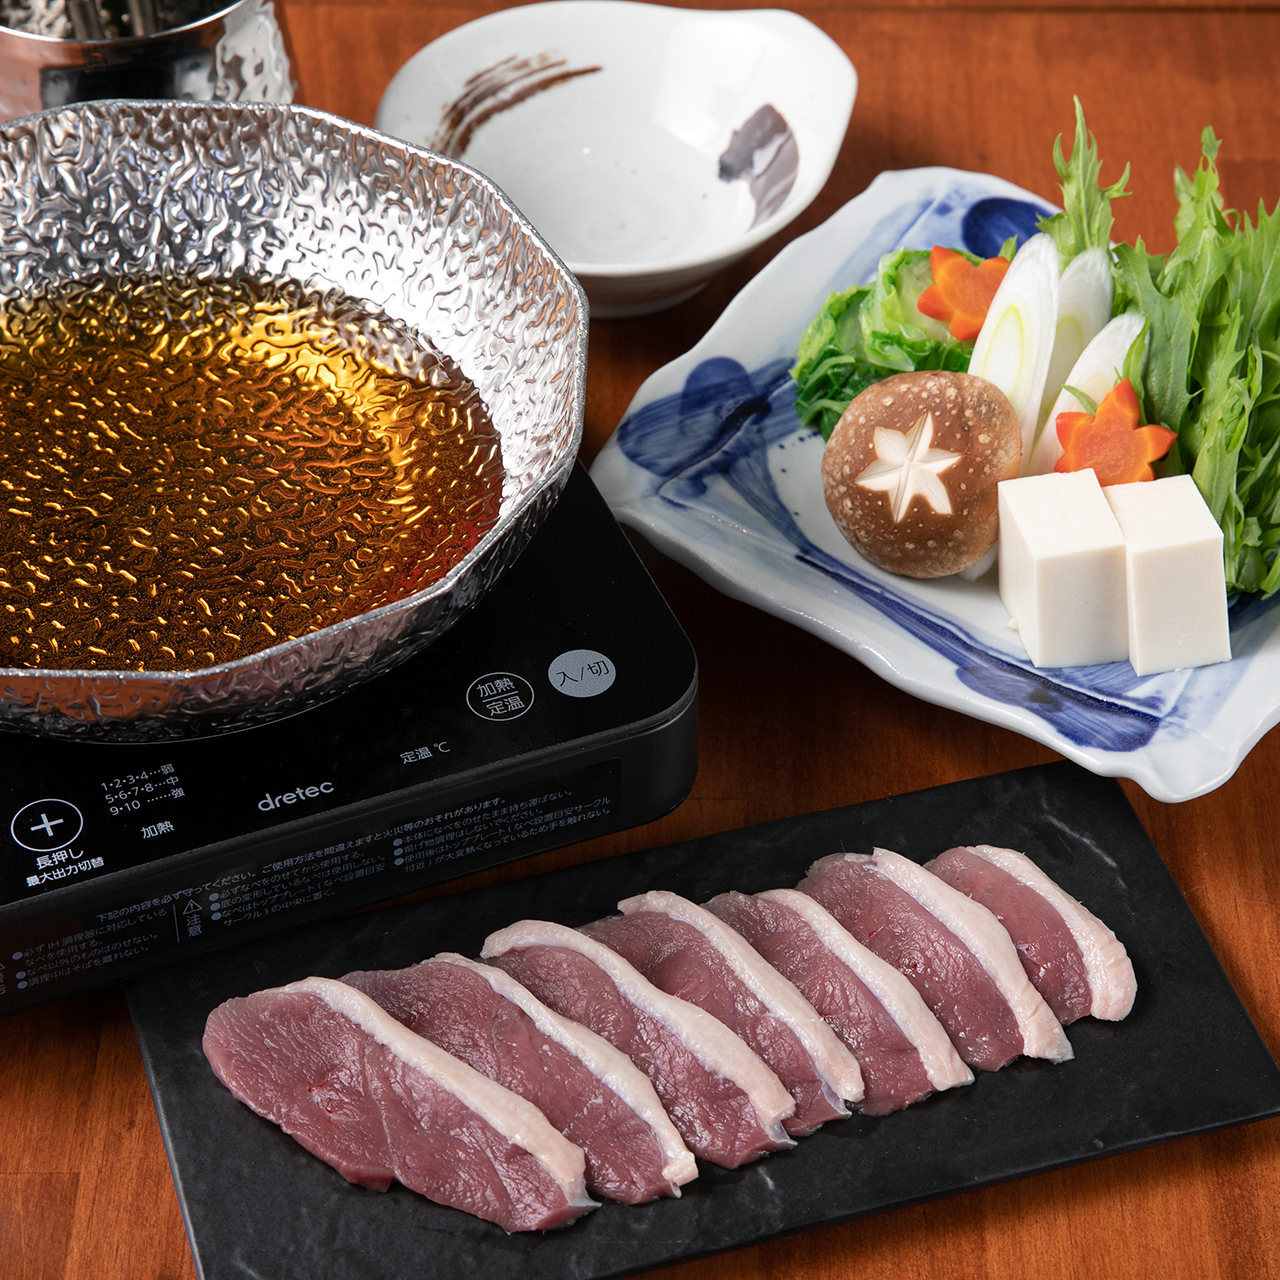 毎日丁寧に仕込む自家製出汁と厳選素材を味わう自慢の鍋料理